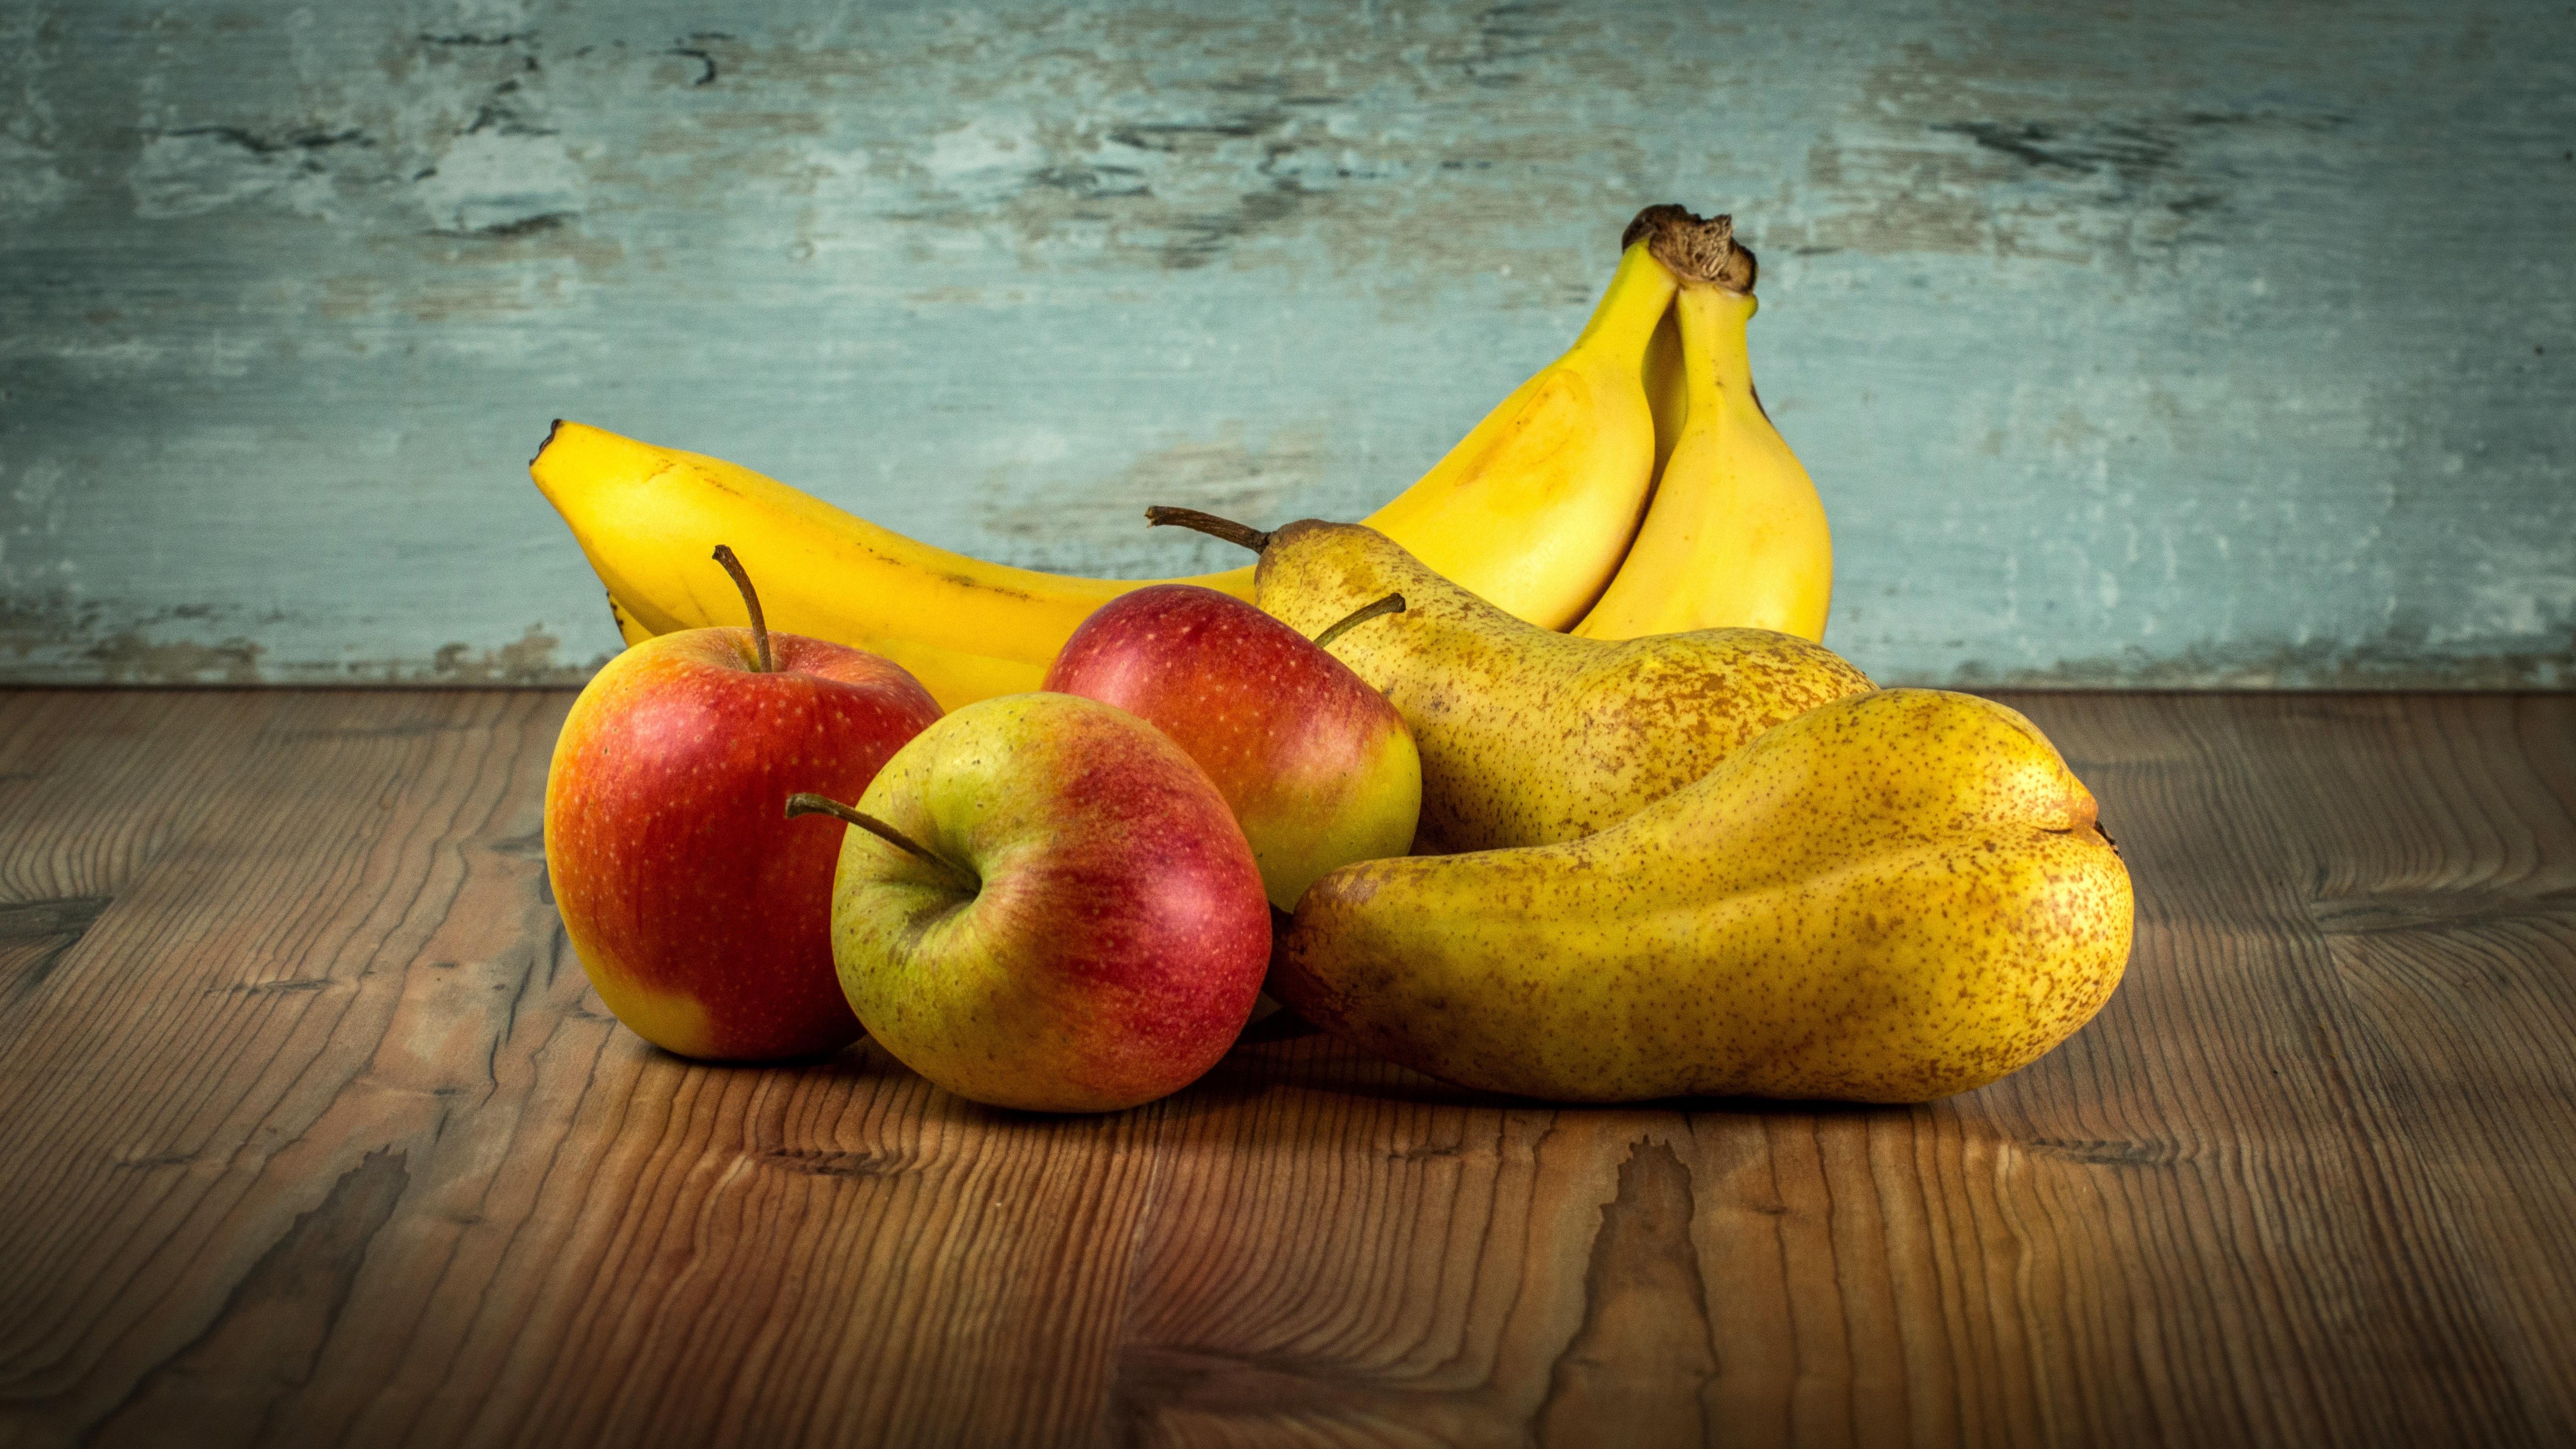 53287 скачать обои Бананы, Фрукты, Еда, Яблоки, Груши - заставки и картинки бесплатно